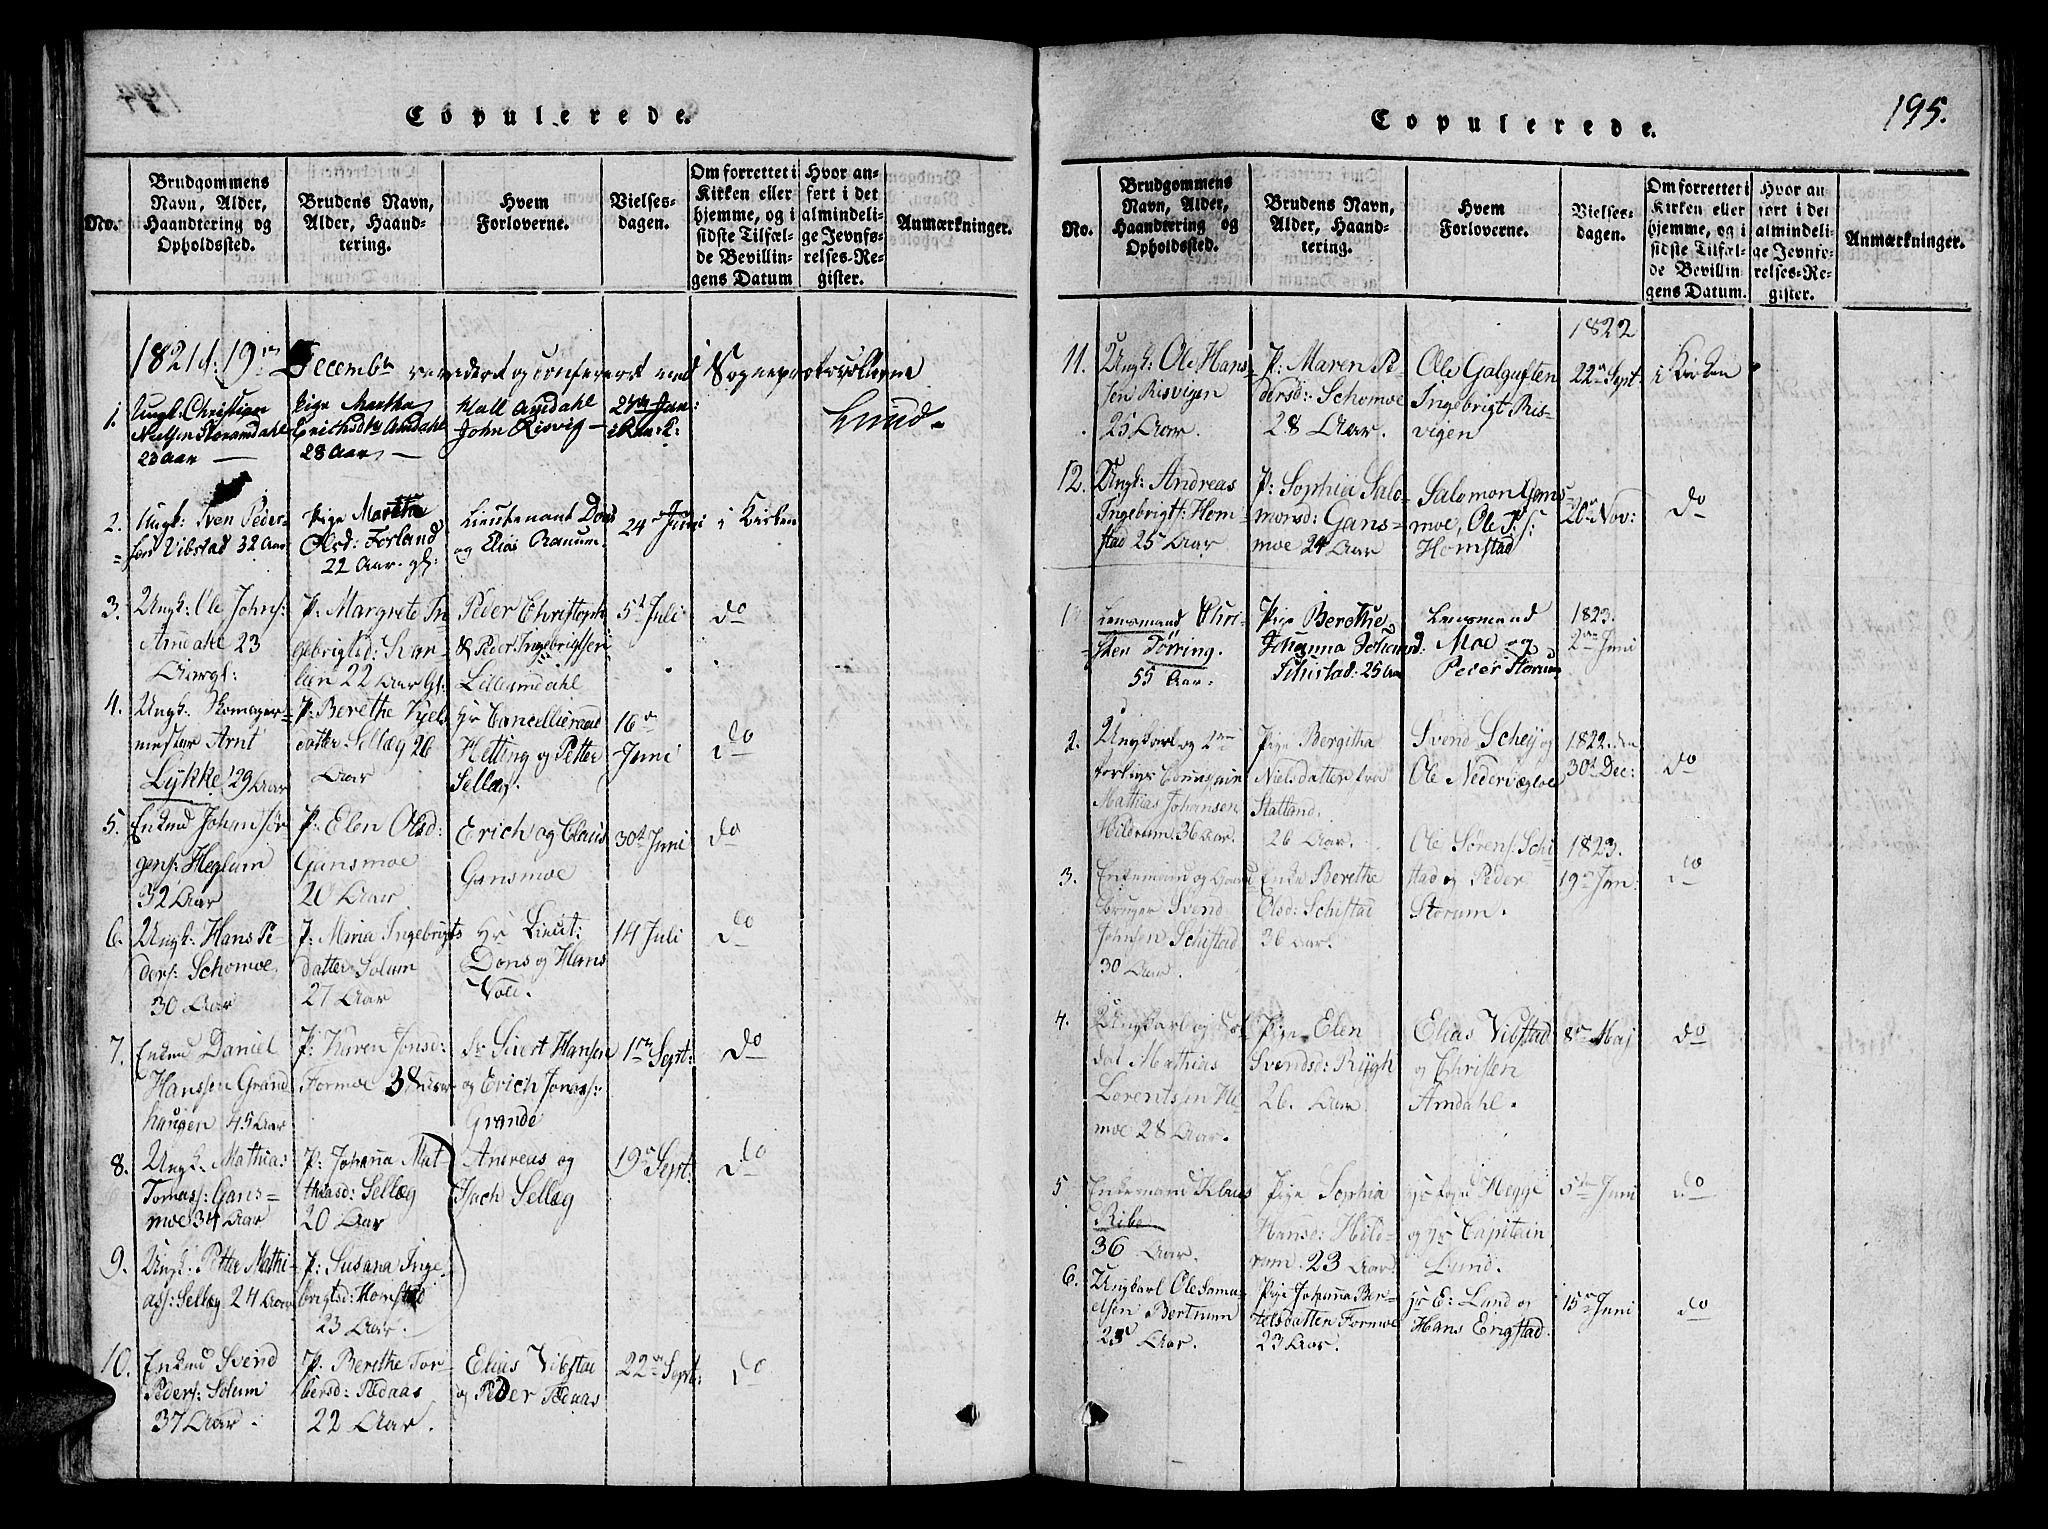 SAT, Ministerialprotokoller, klokkerbøker og fødselsregistre - Nord-Trøndelag, 764/L0546: Ministerialbok nr. 764A06 /1, 1816-1823, s. 195